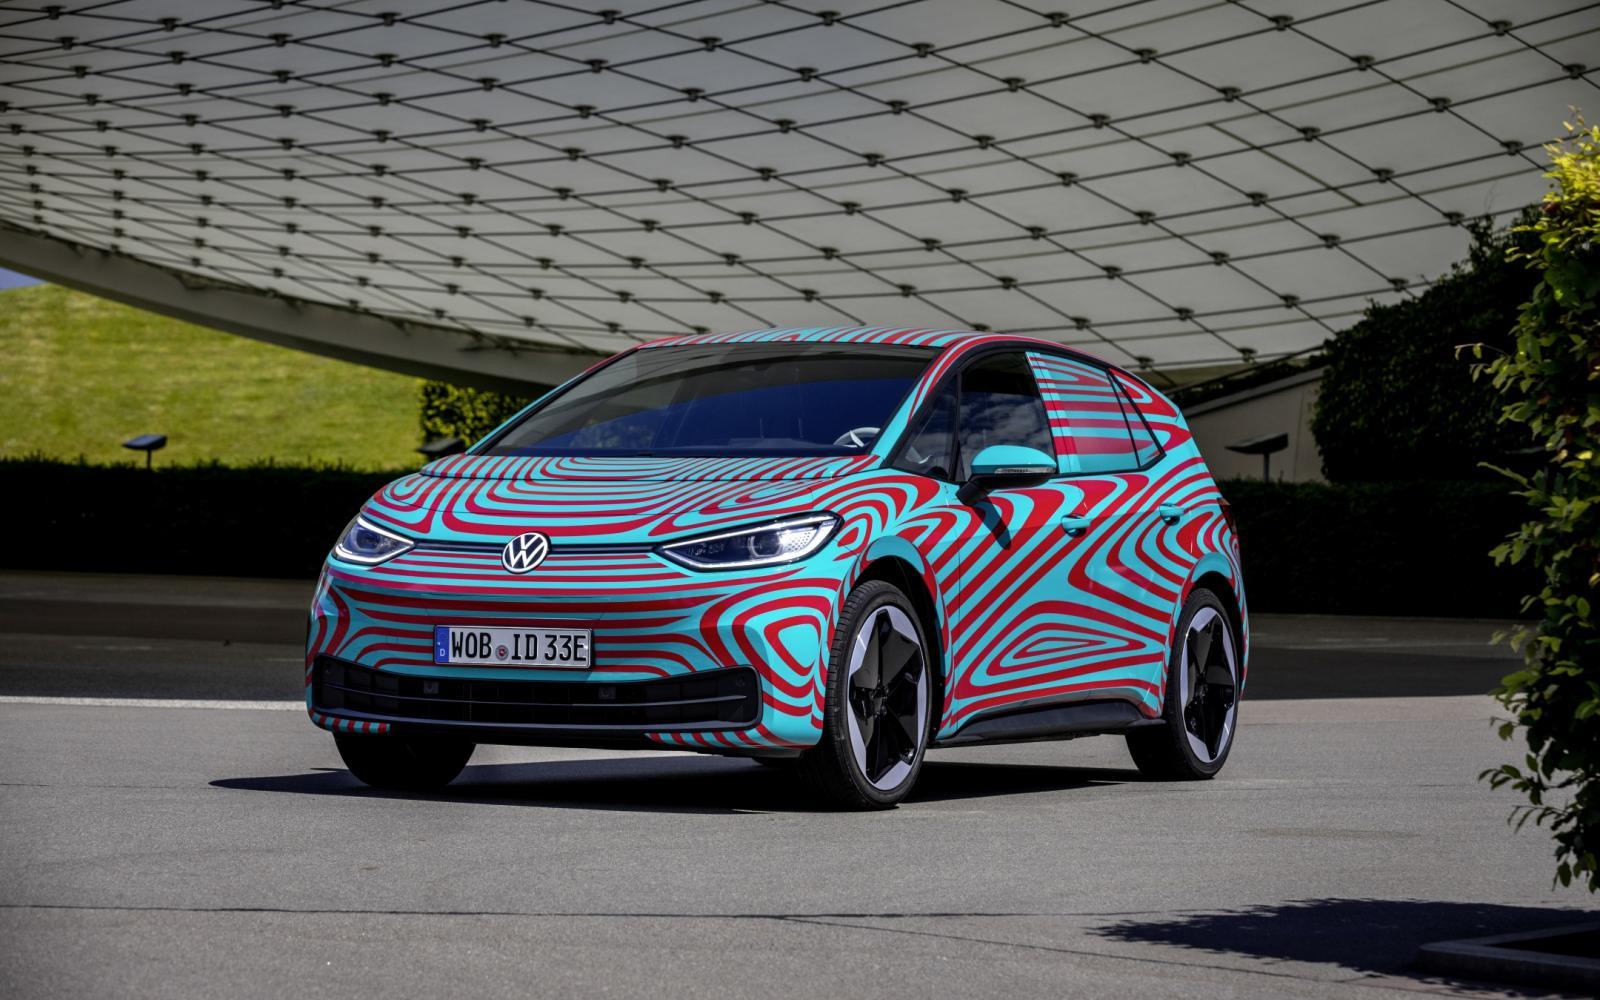 Al 30.000 aanmeldingen voor elektrische Volkswagen ID 3